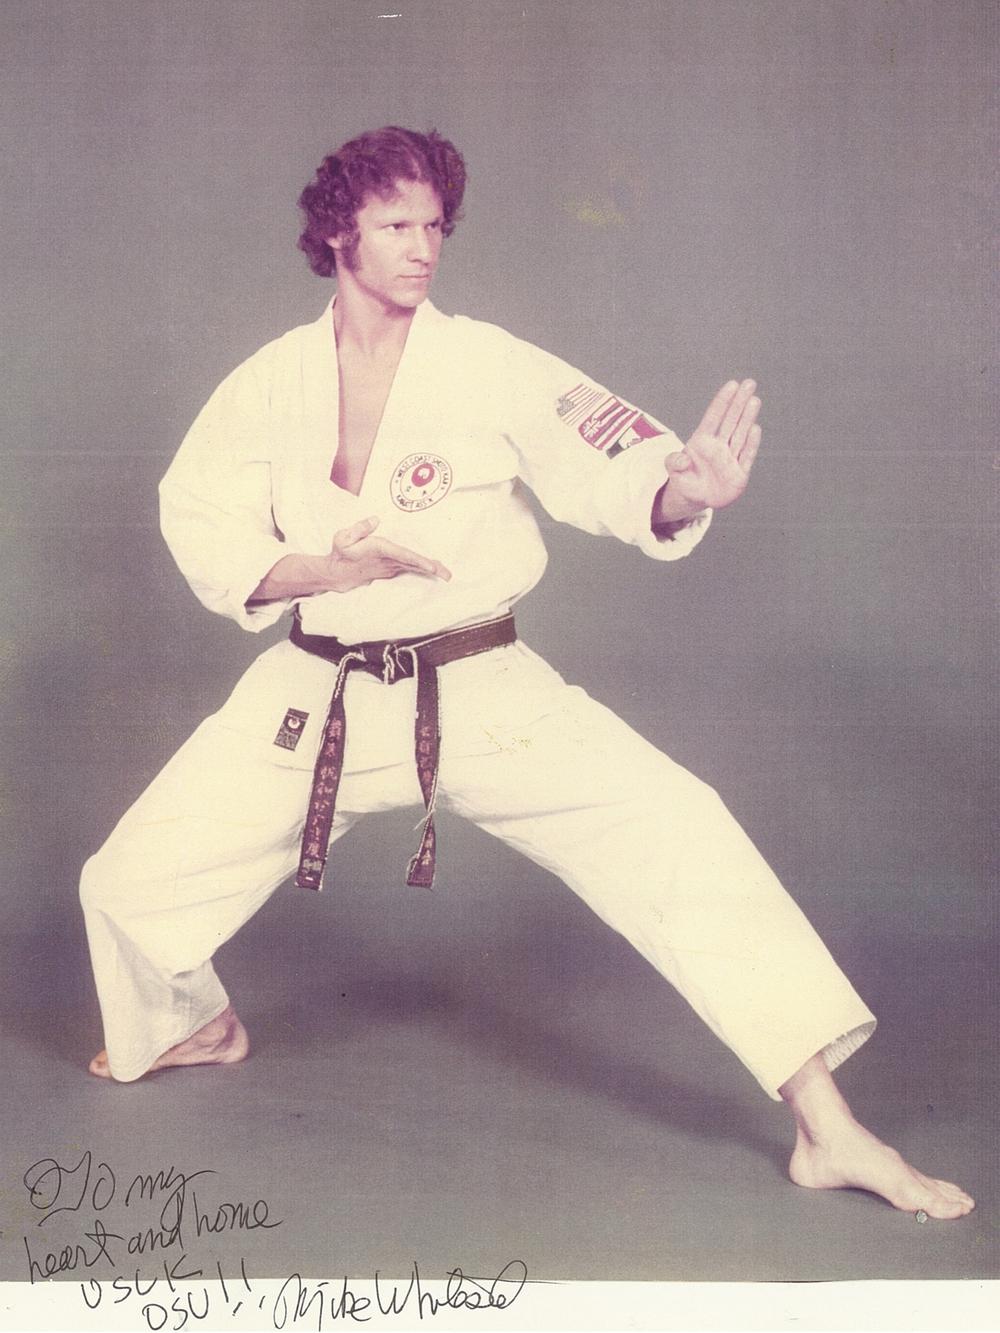 Sensei Mike Whiteside Long back stance.jpg